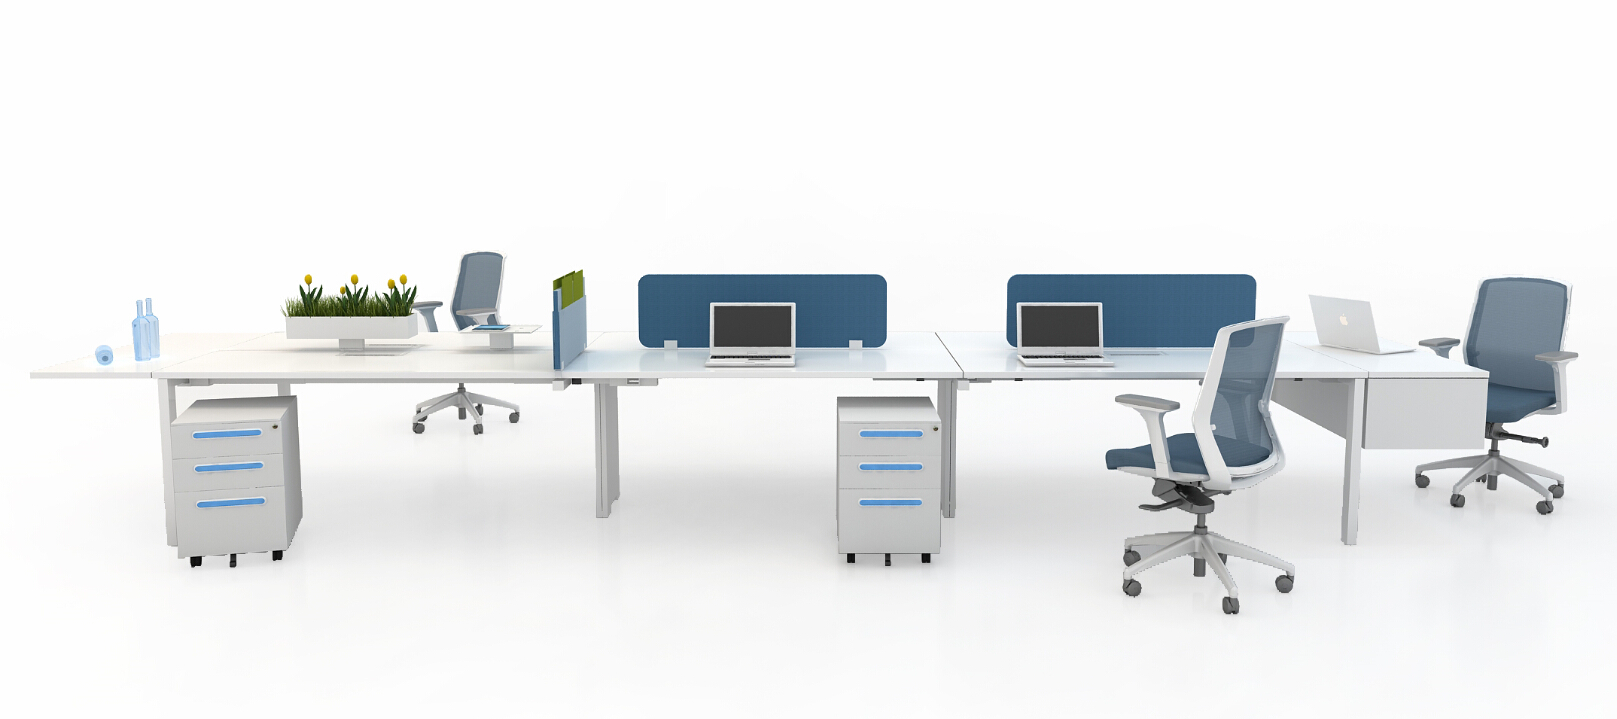 板式办公家具的优势与时代需求